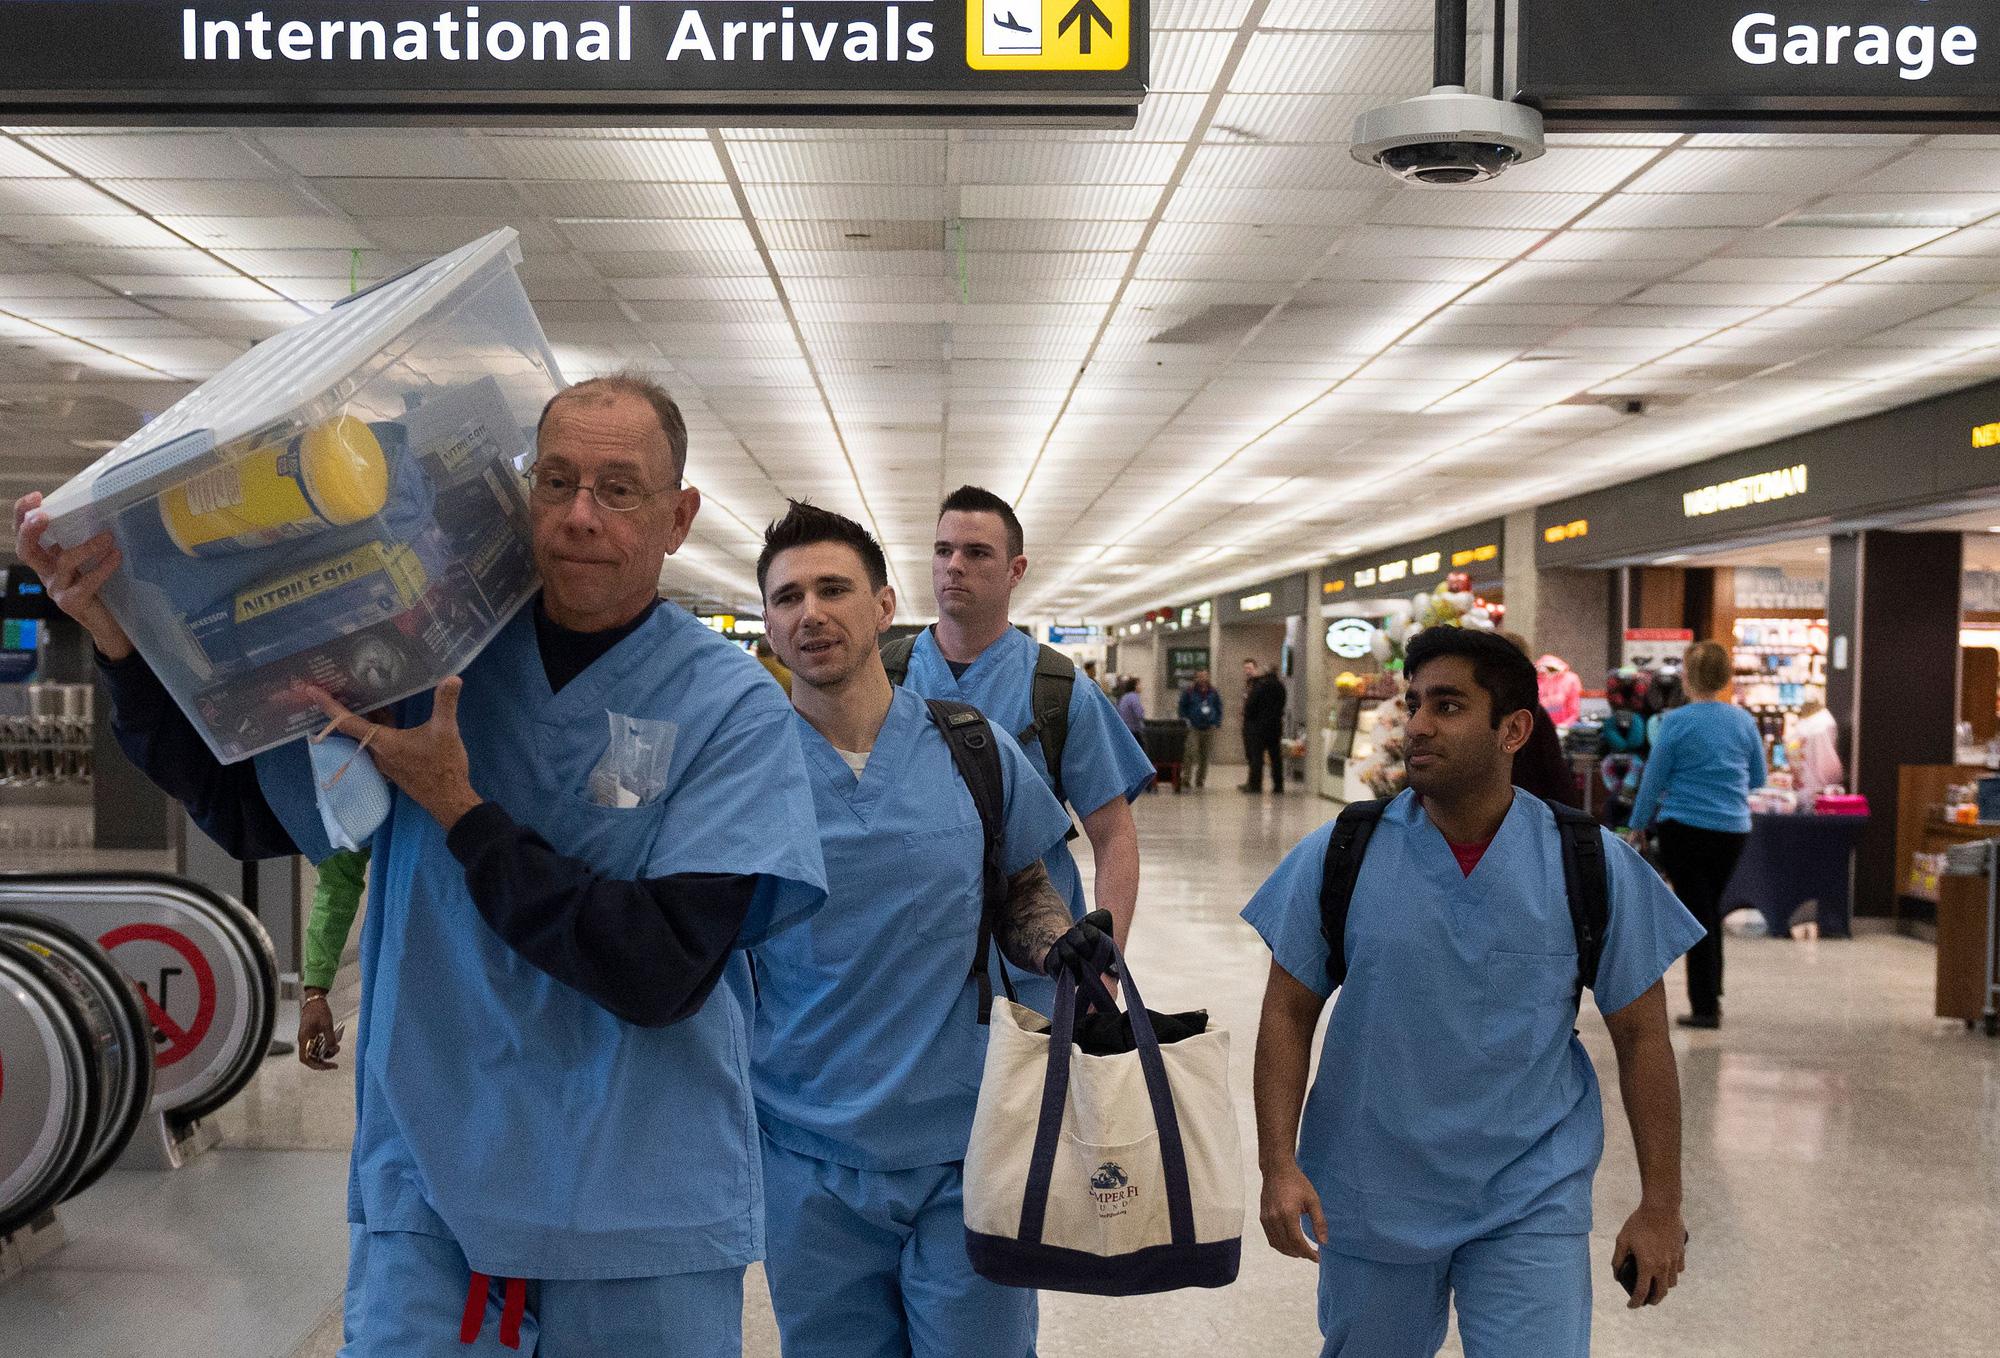 Thiếu thiết bị giữa đại dịch Covid - 19, bệnh viện tại Mỹ phải sử dụng khẩu trang tự chế để phòng bệnh - Ảnh 4.